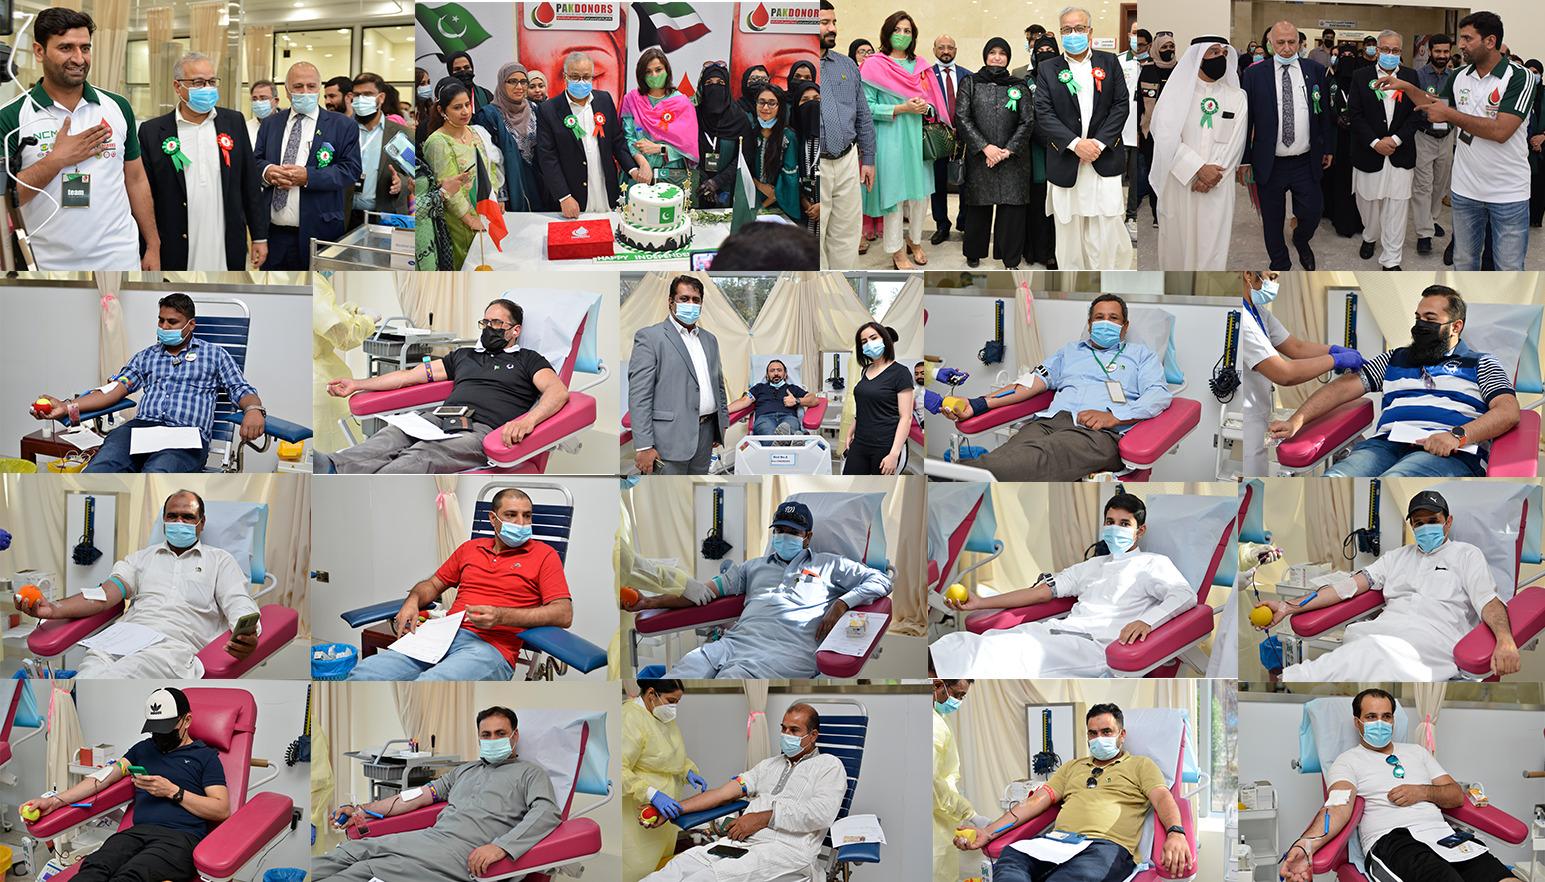 کویت میں جشن آزادی پر خون کے عطیہ کا کیمپ